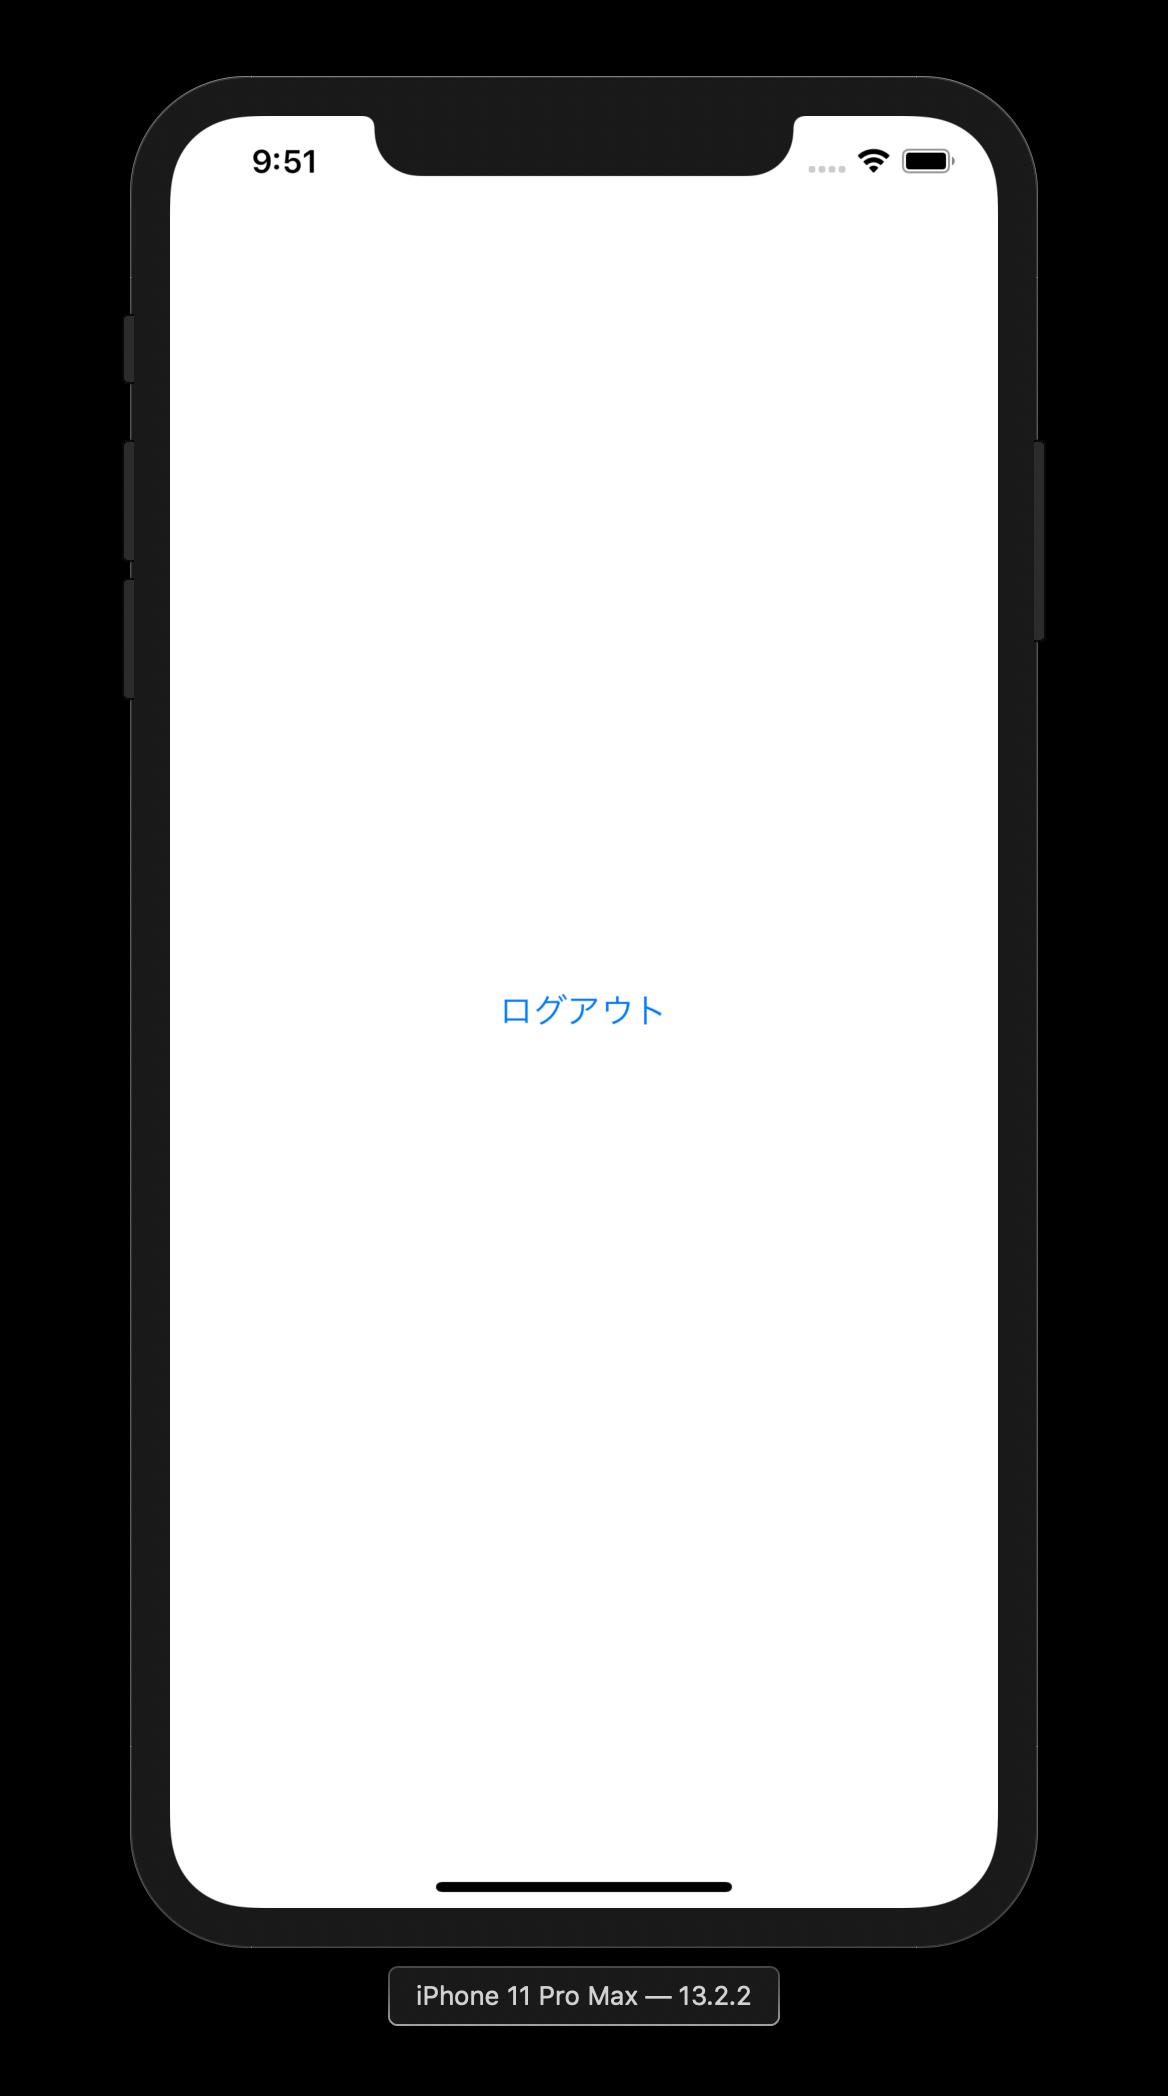 スクリーンショット 2019-12-08 9.51.53.png